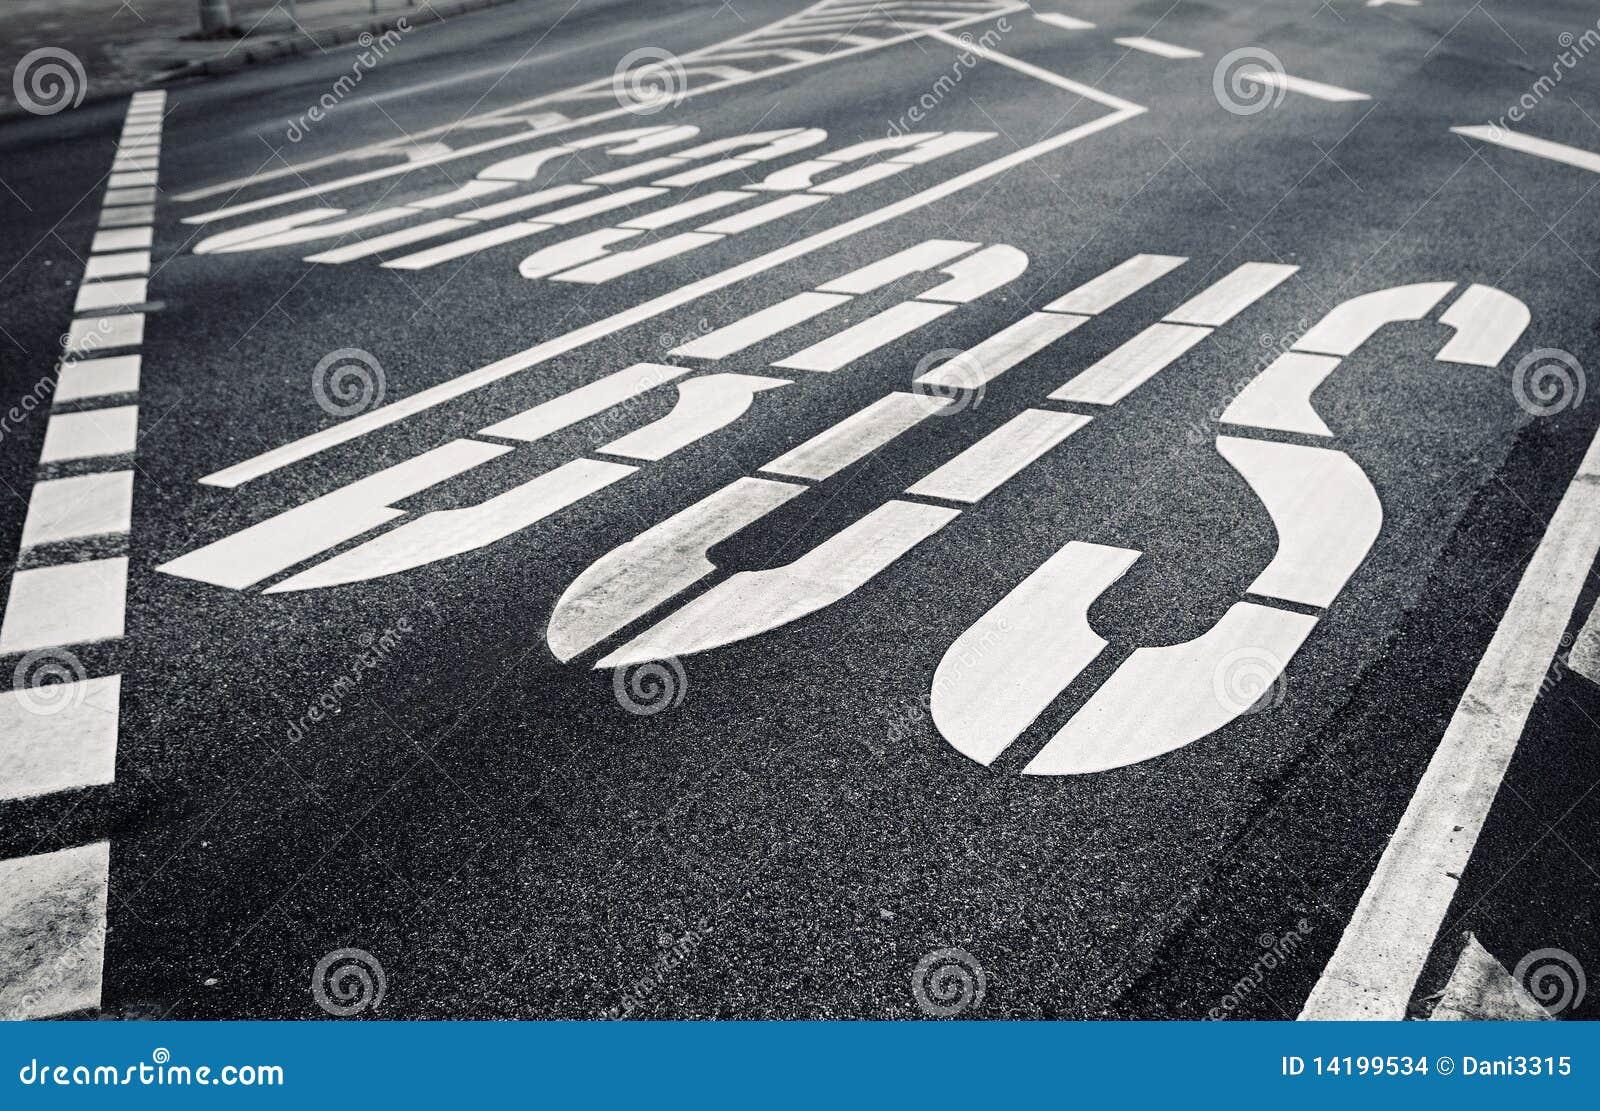 Bulevard de la ciudad con la designación del tráfico